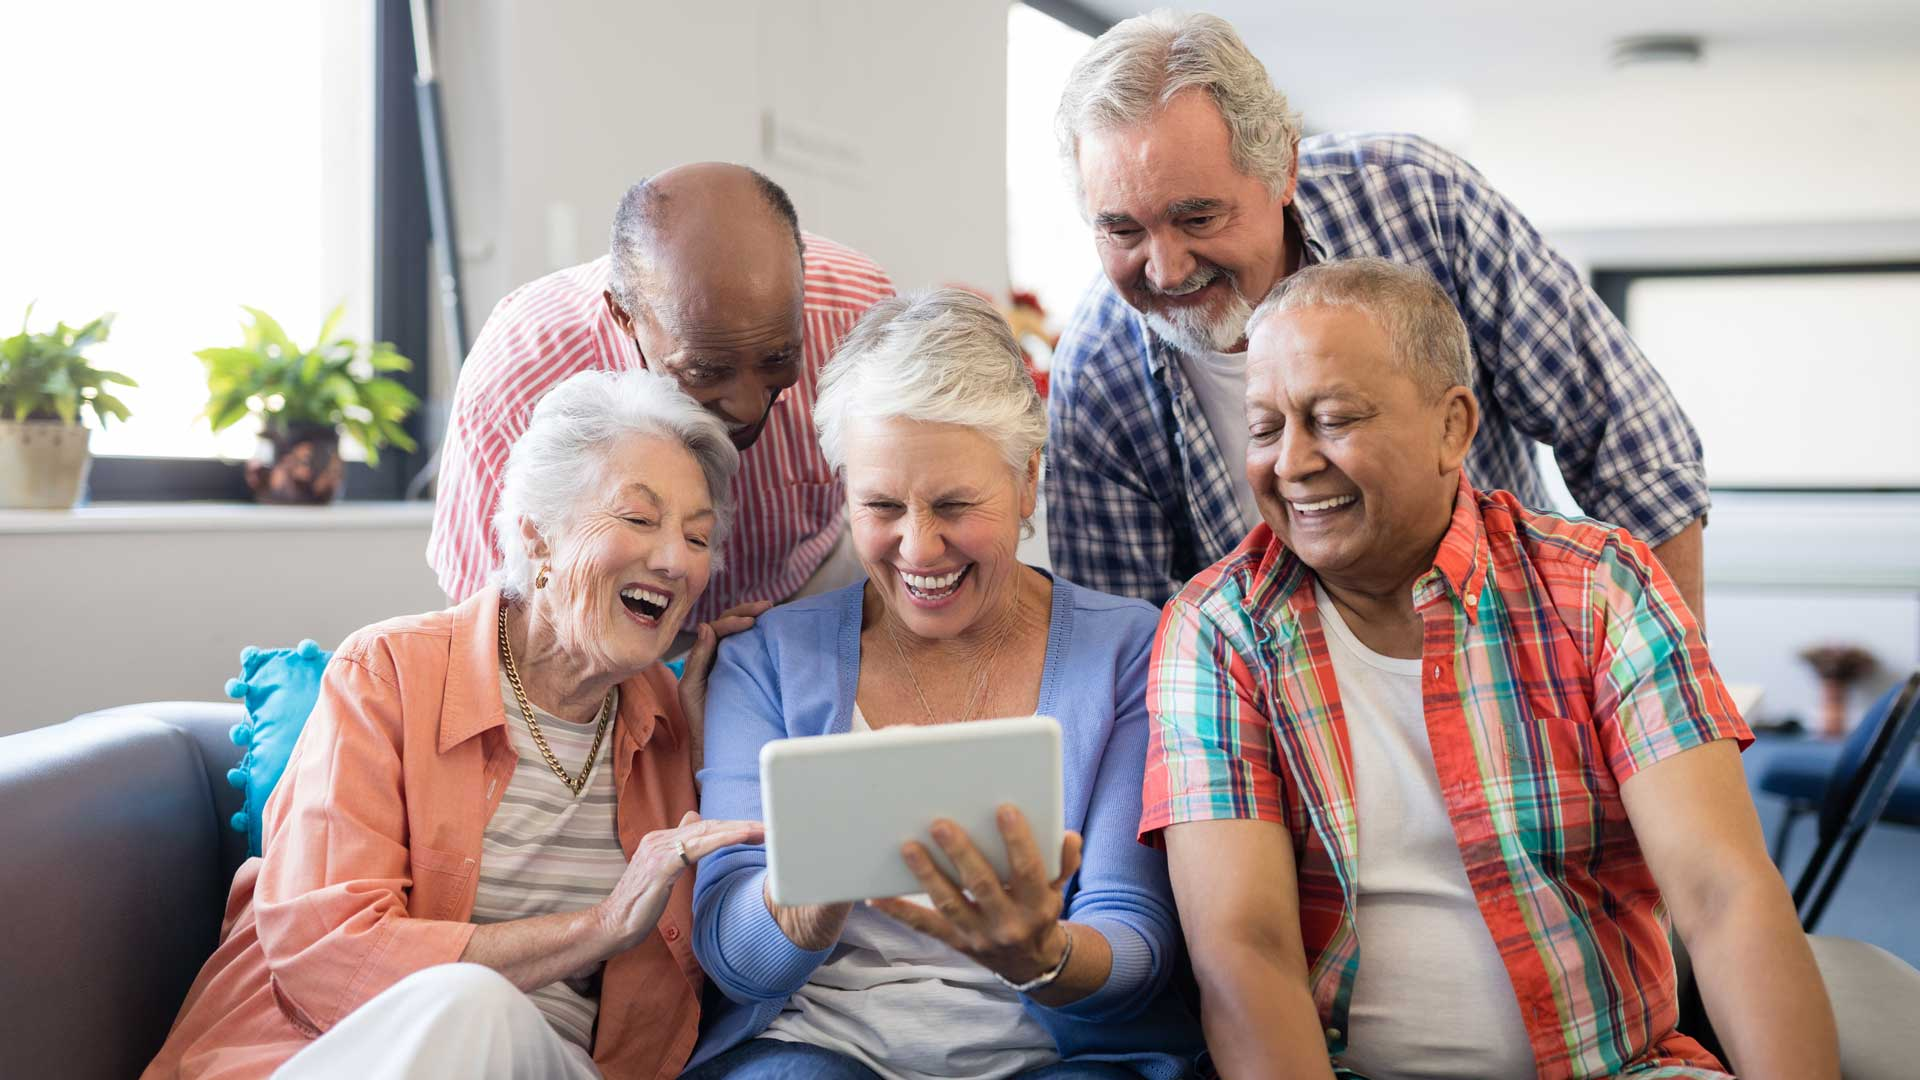 Cheerful senior friends looking at digital tablet